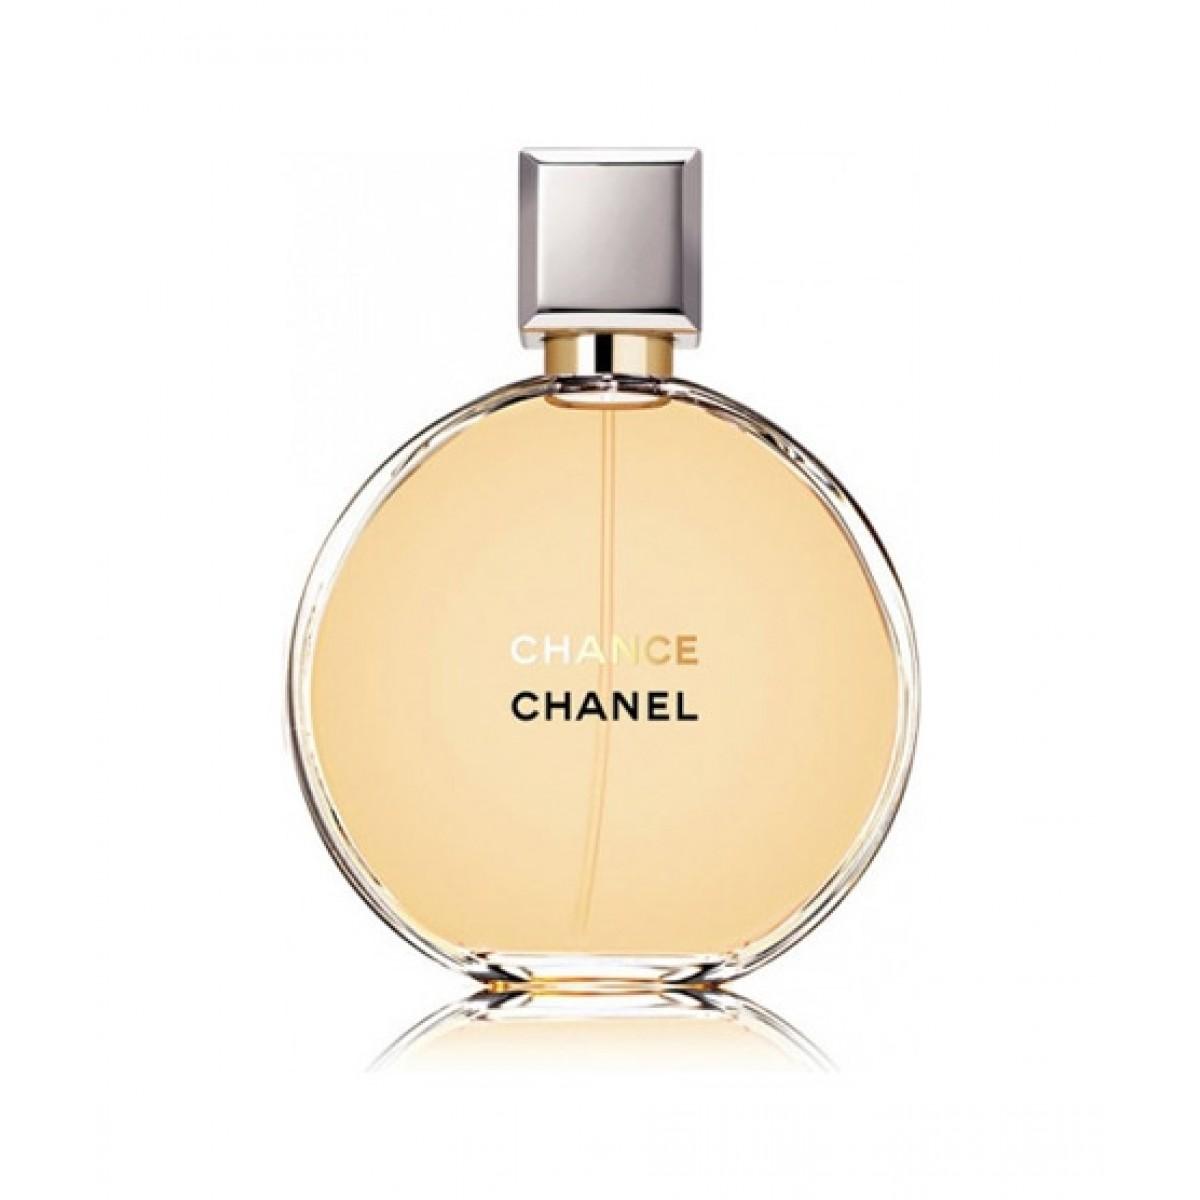 Chanel Eau De Parfum For Women 50ml Price In Pakistan Buy Chanel